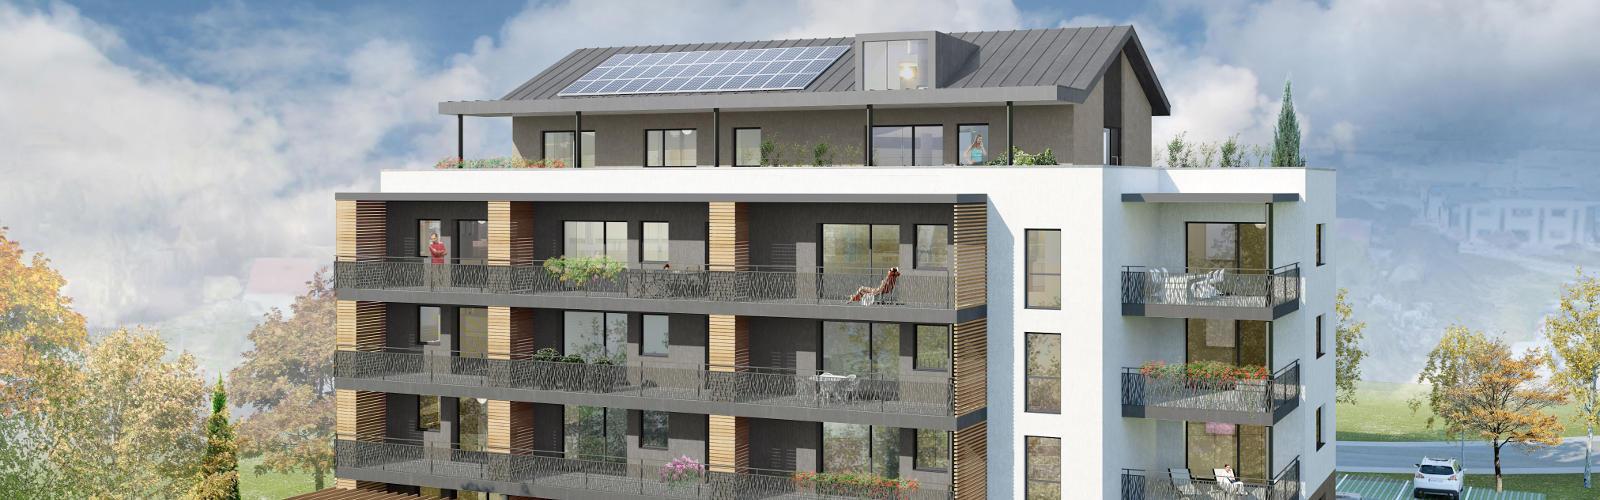 Résidence Marcel Aymé à Avanne-Aveney - 17 appartements neufs pour 2021